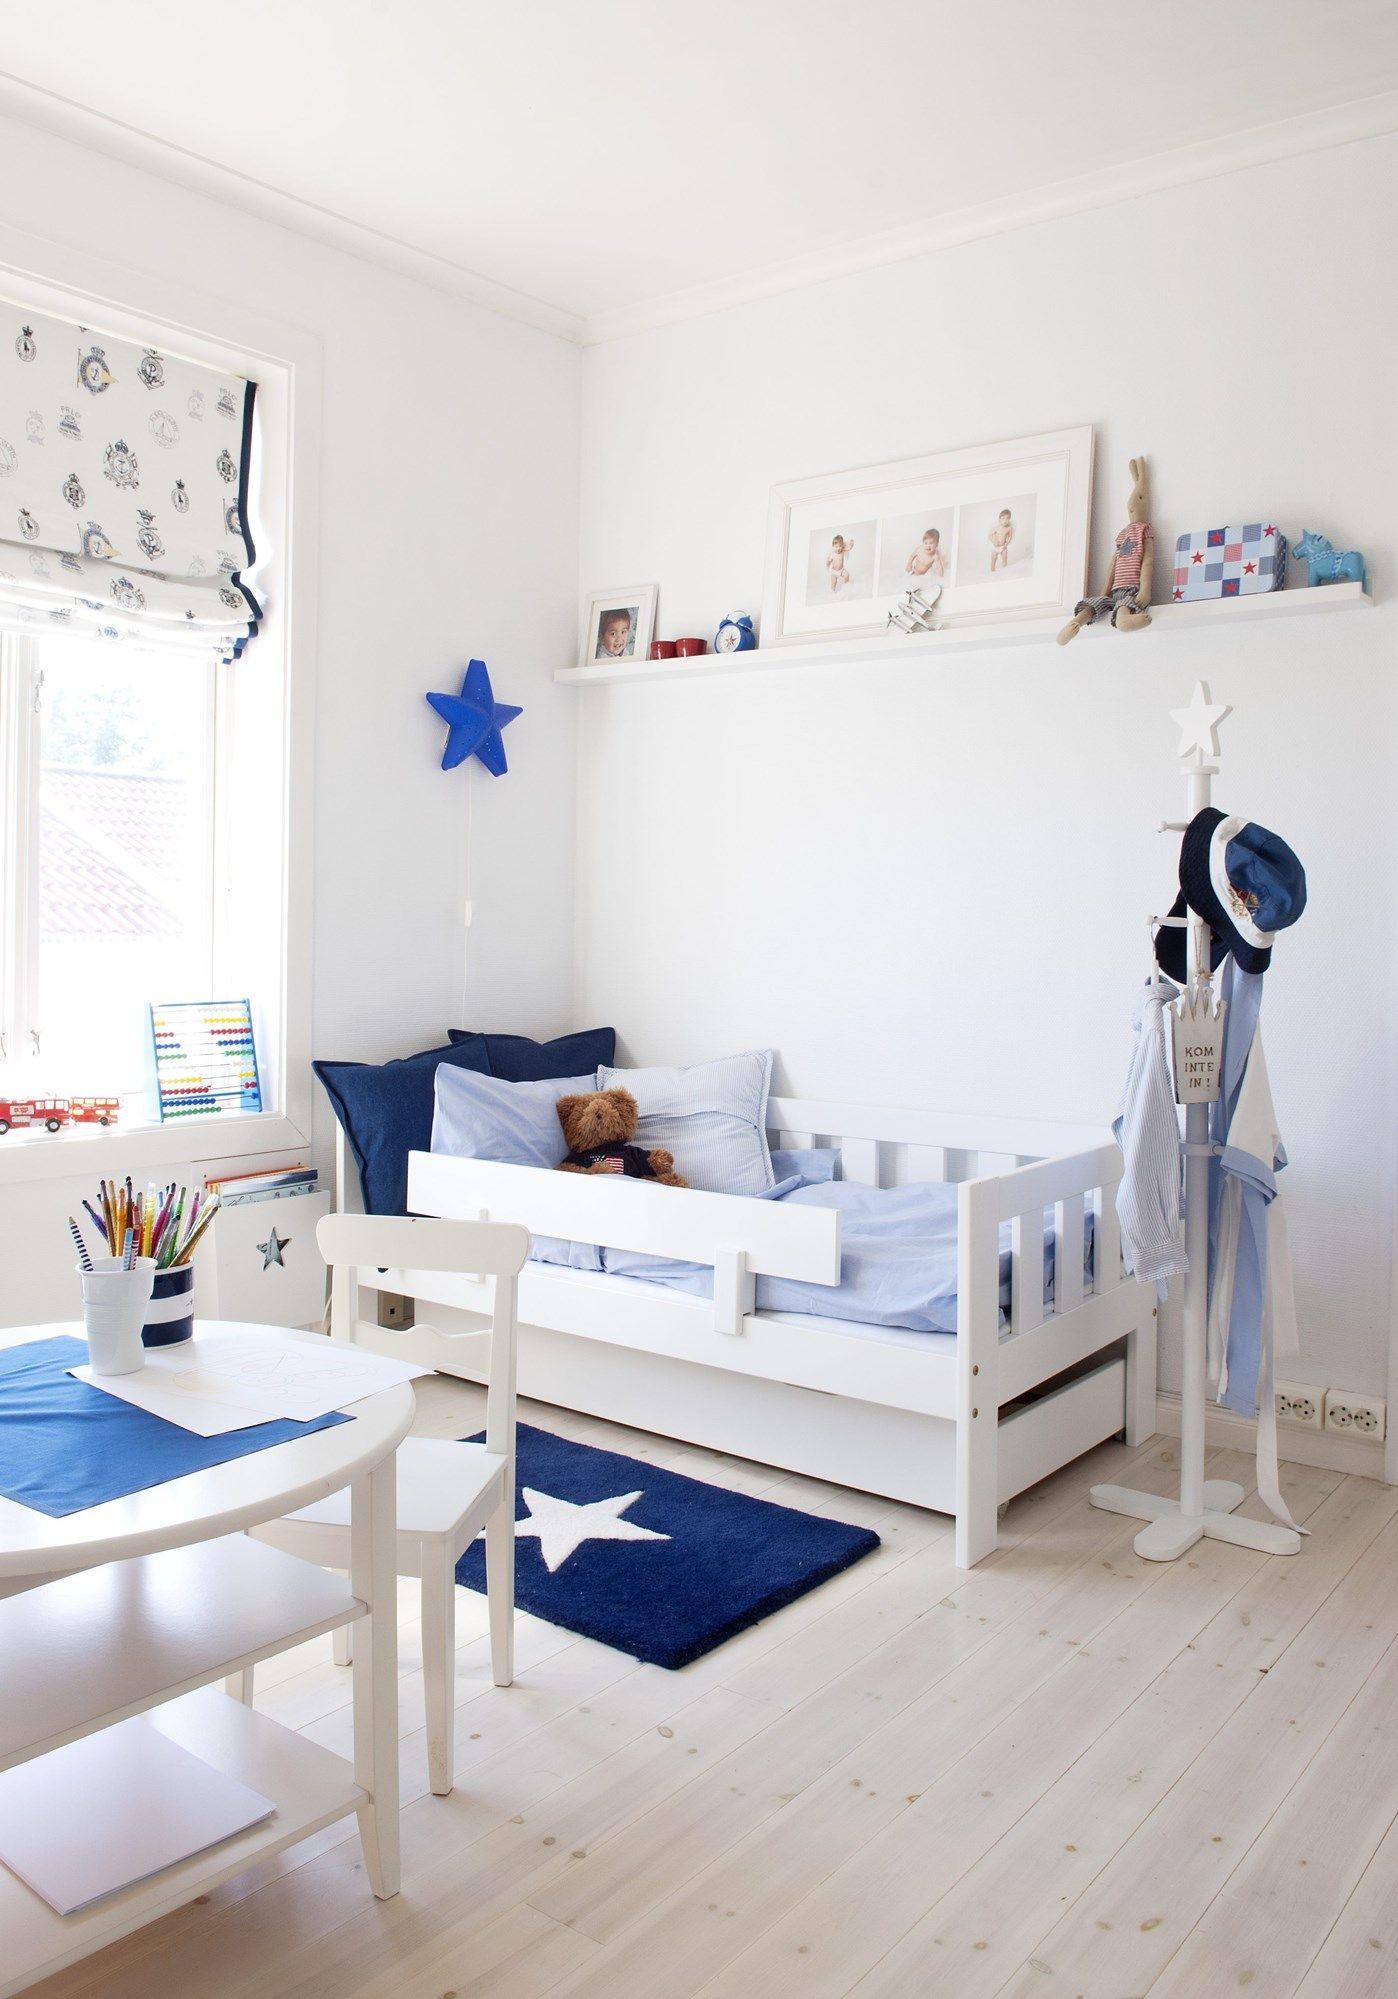 Habitaci n infantil en azul y blanco Kids room in blue white